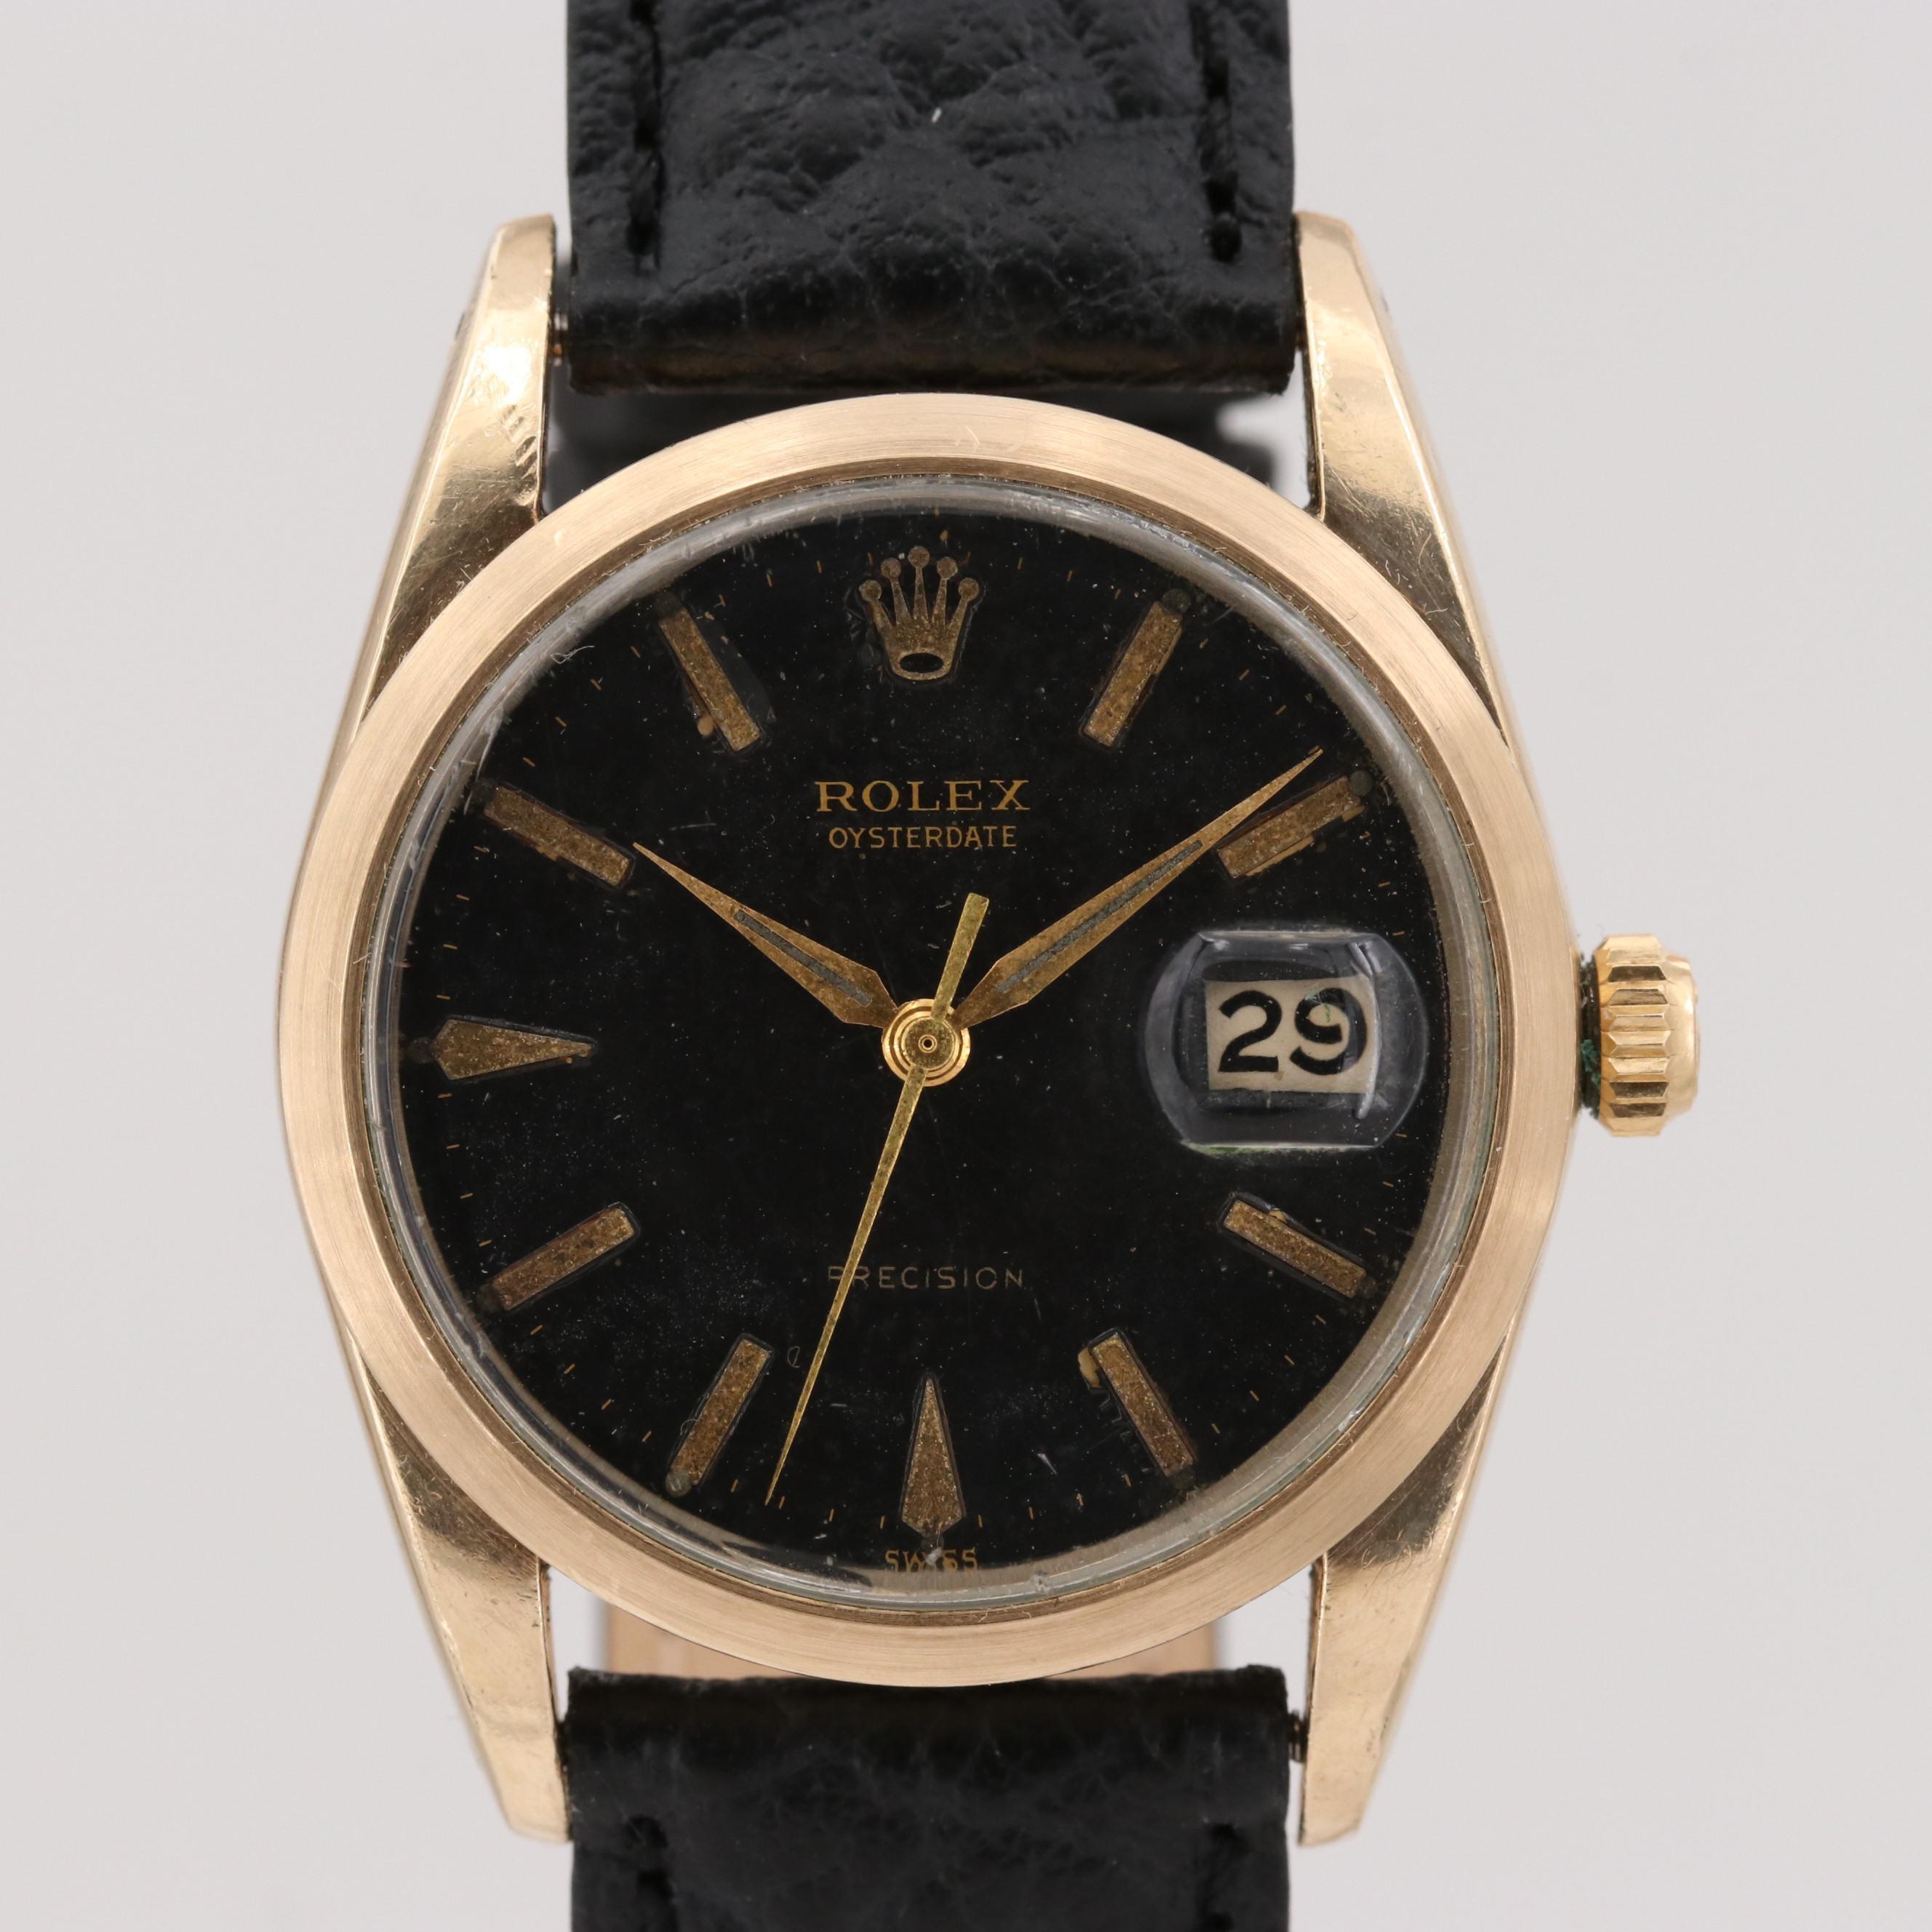 Vintage Rolex Oysterdate  Gold Shell Stem Wind Wristwatch, 1960